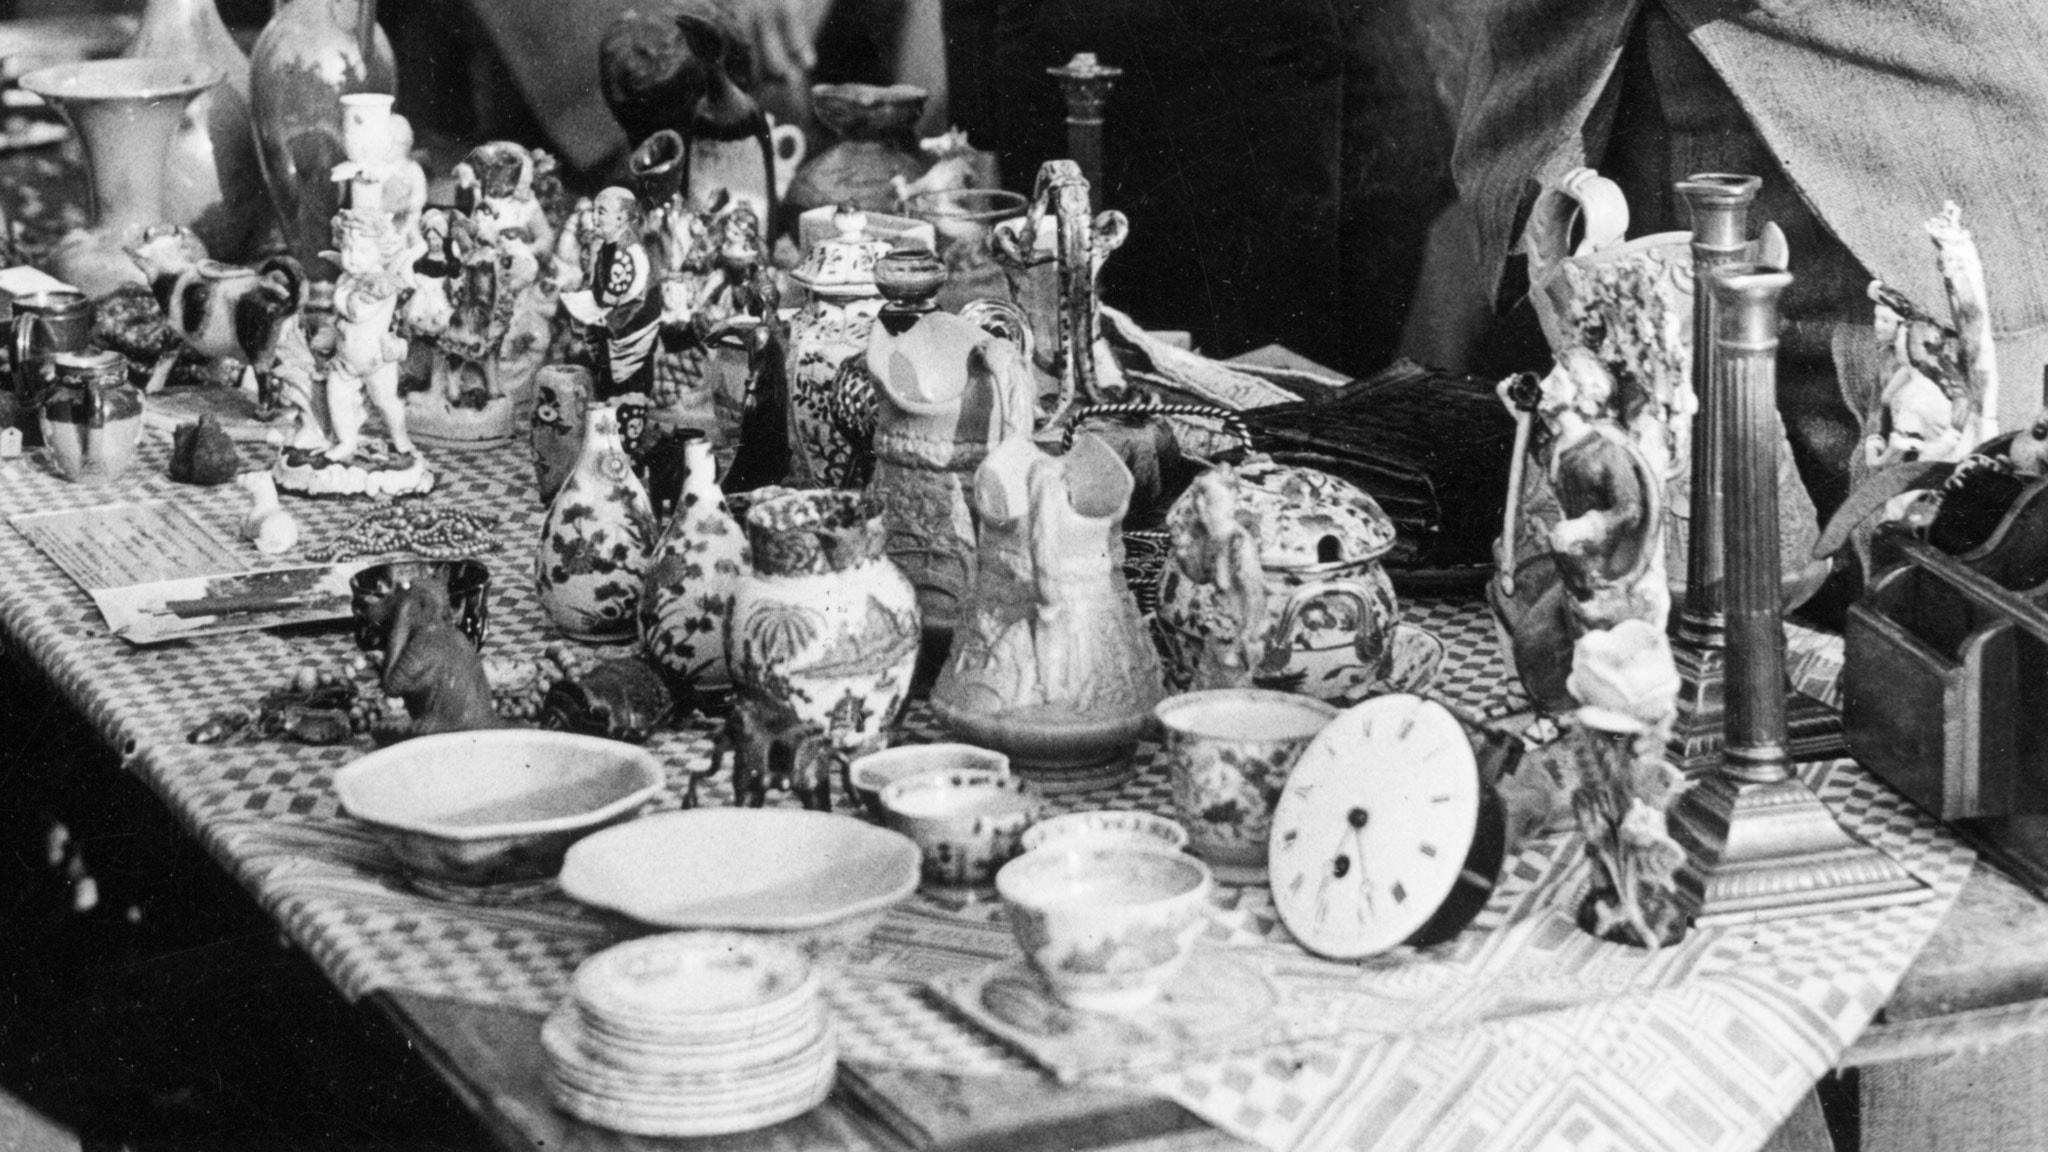 I antikvitetsaffären 1947